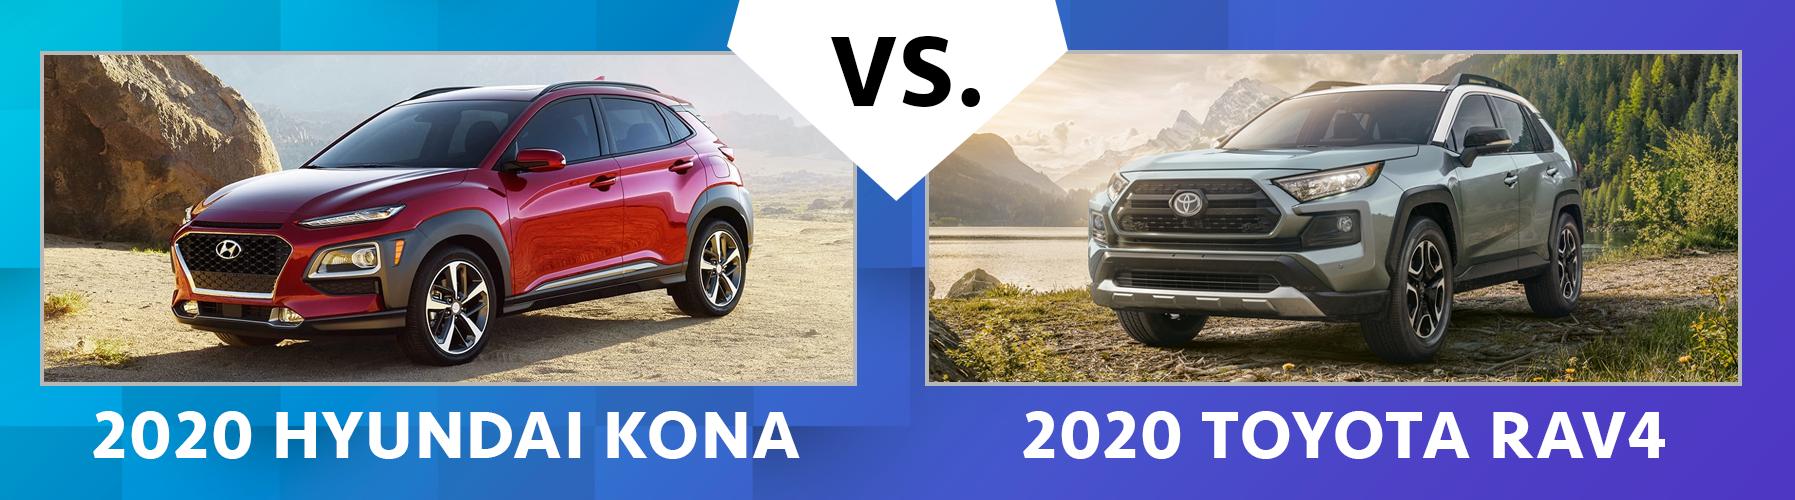 Contrast 2020 Hyundai Kona vs 2020 Toyota RAV4